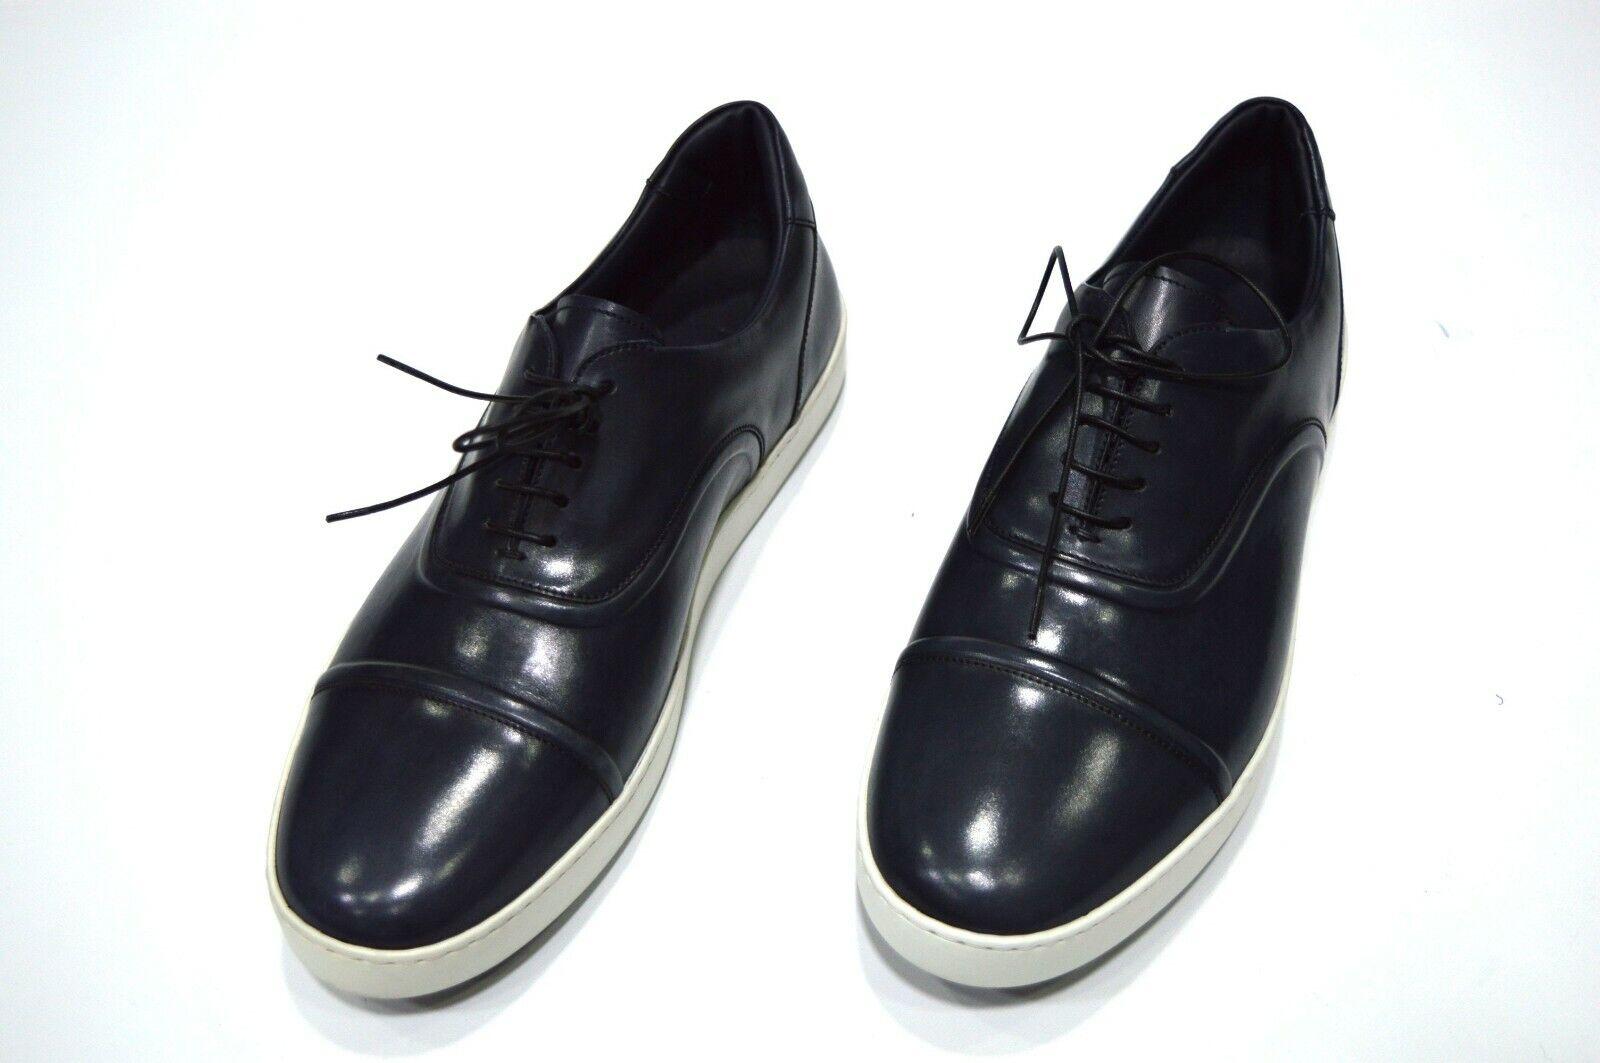 Nuevo Zapatos tenis STEFANO RICCI con el logotipo de lujo talla nos 9 (S837)